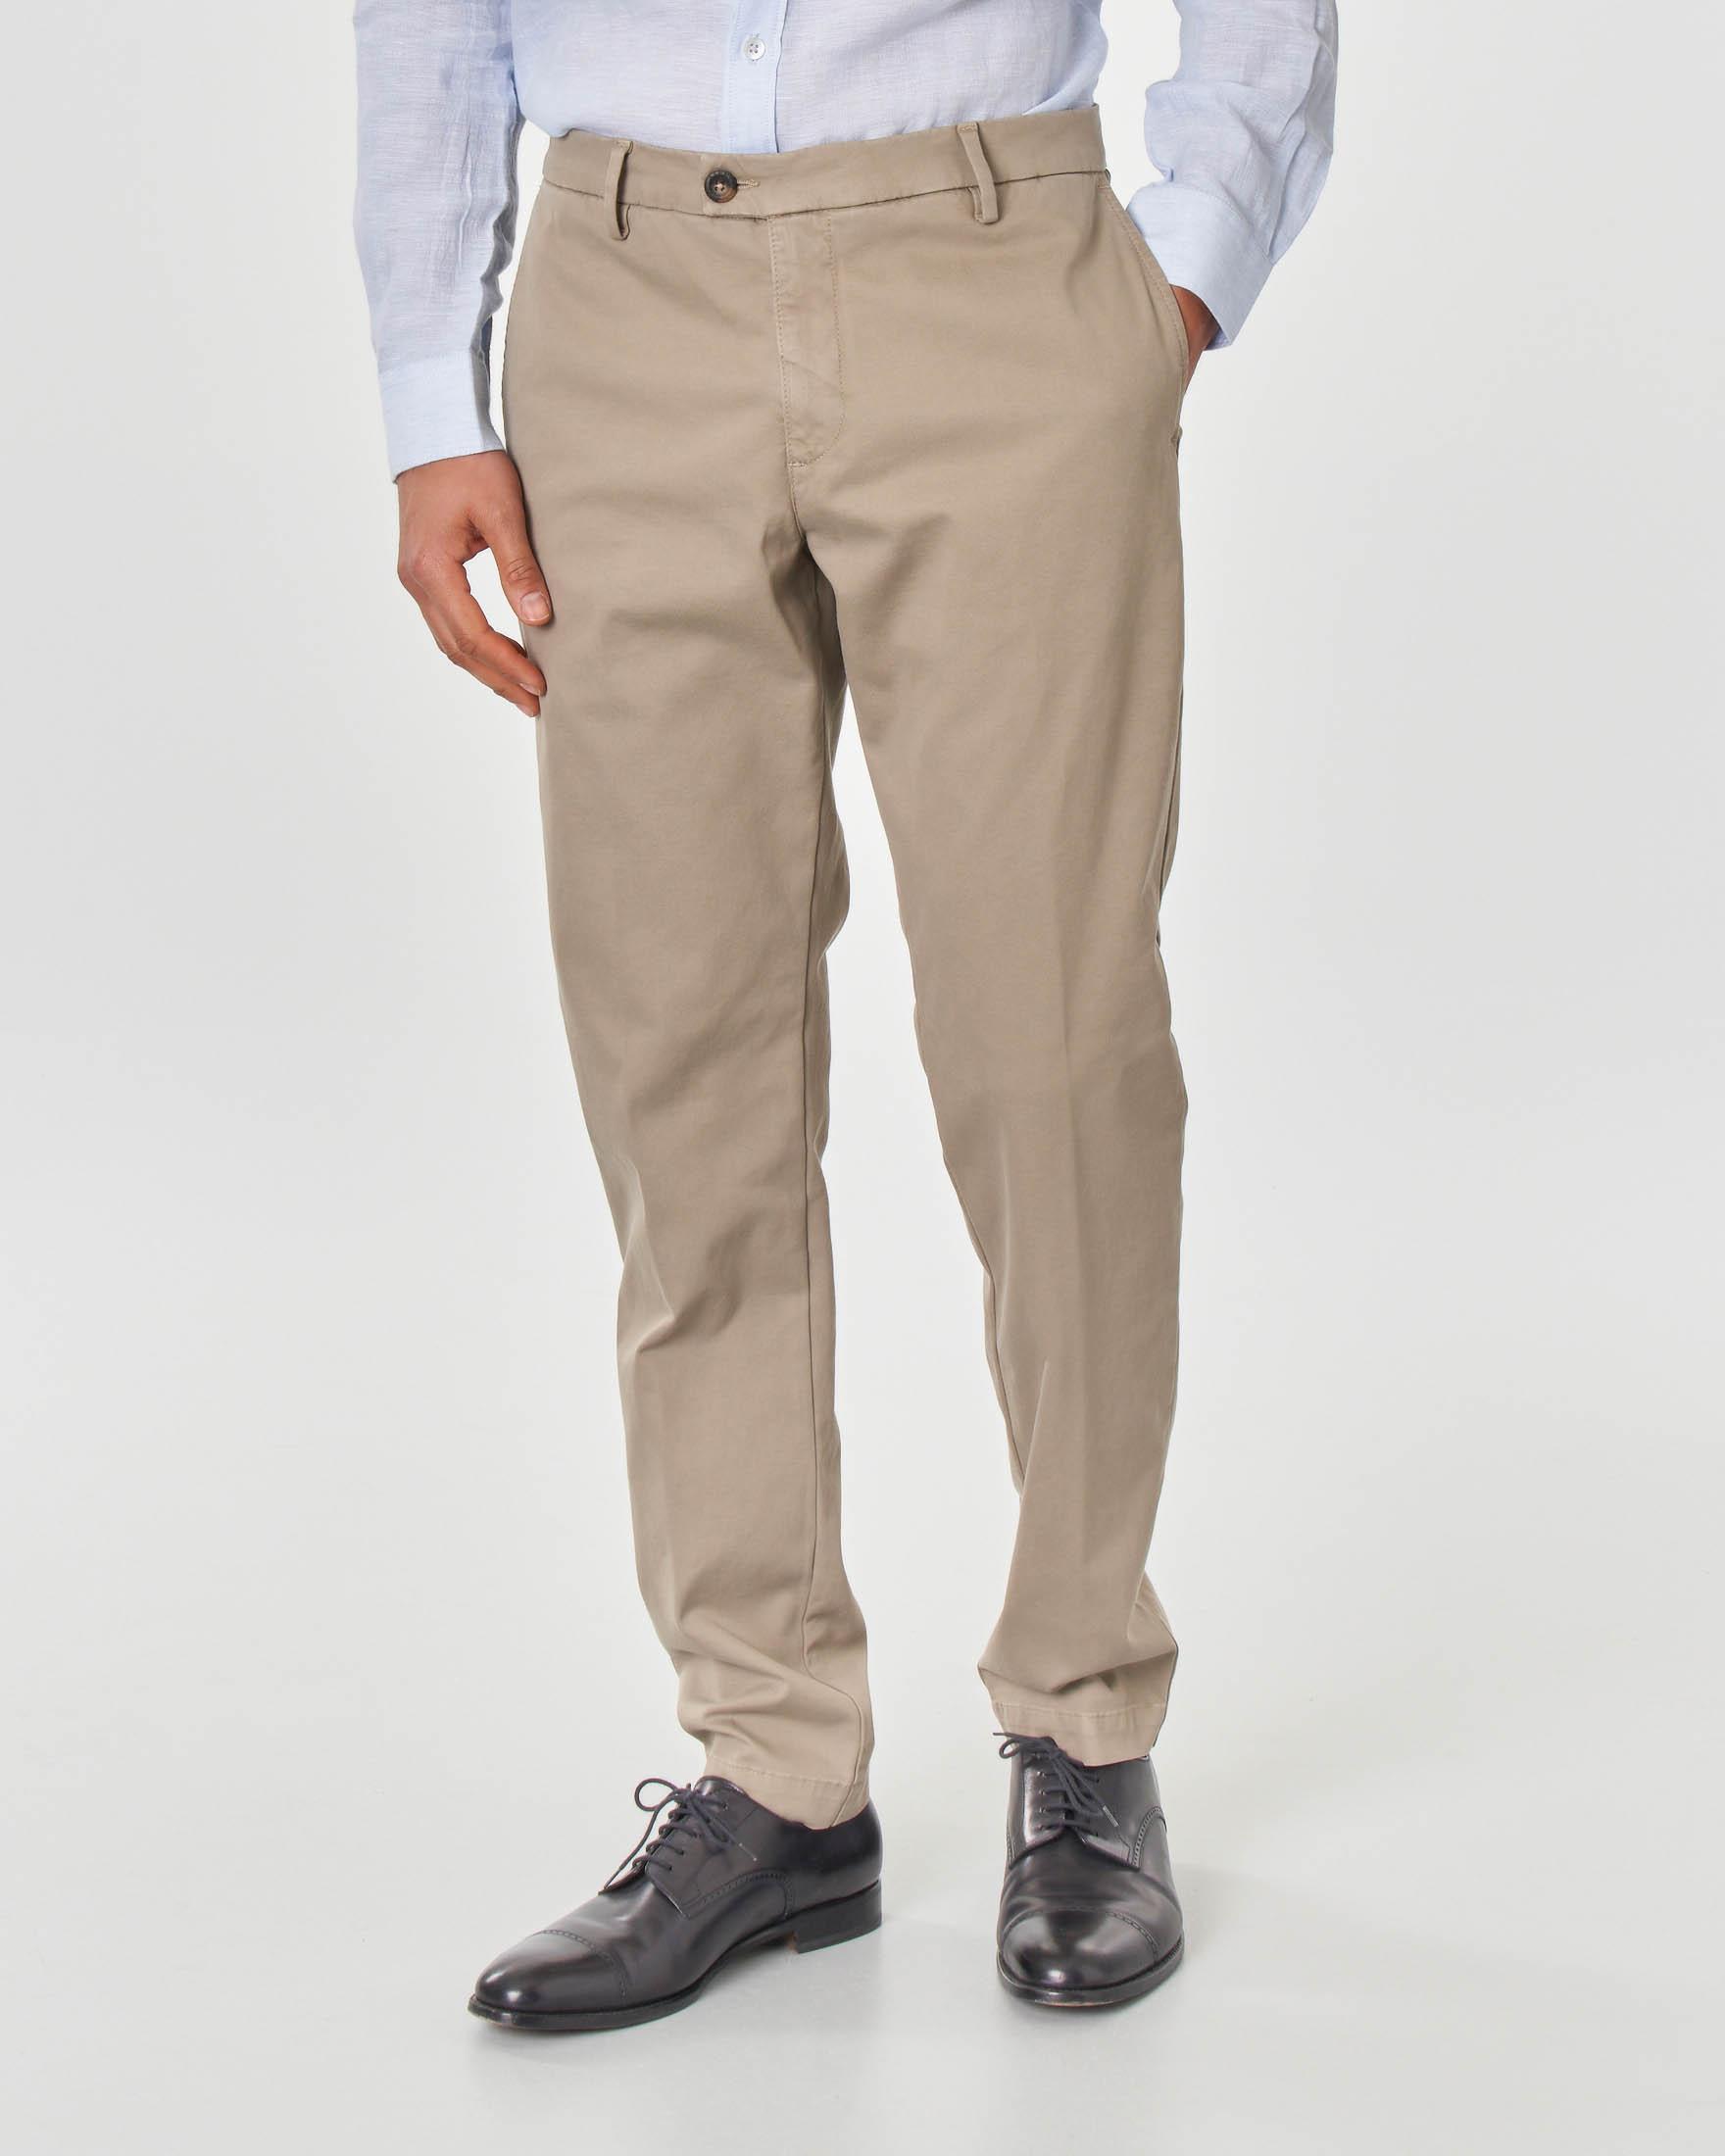 Pantalone chino tortora in tricotina di cotone stretch